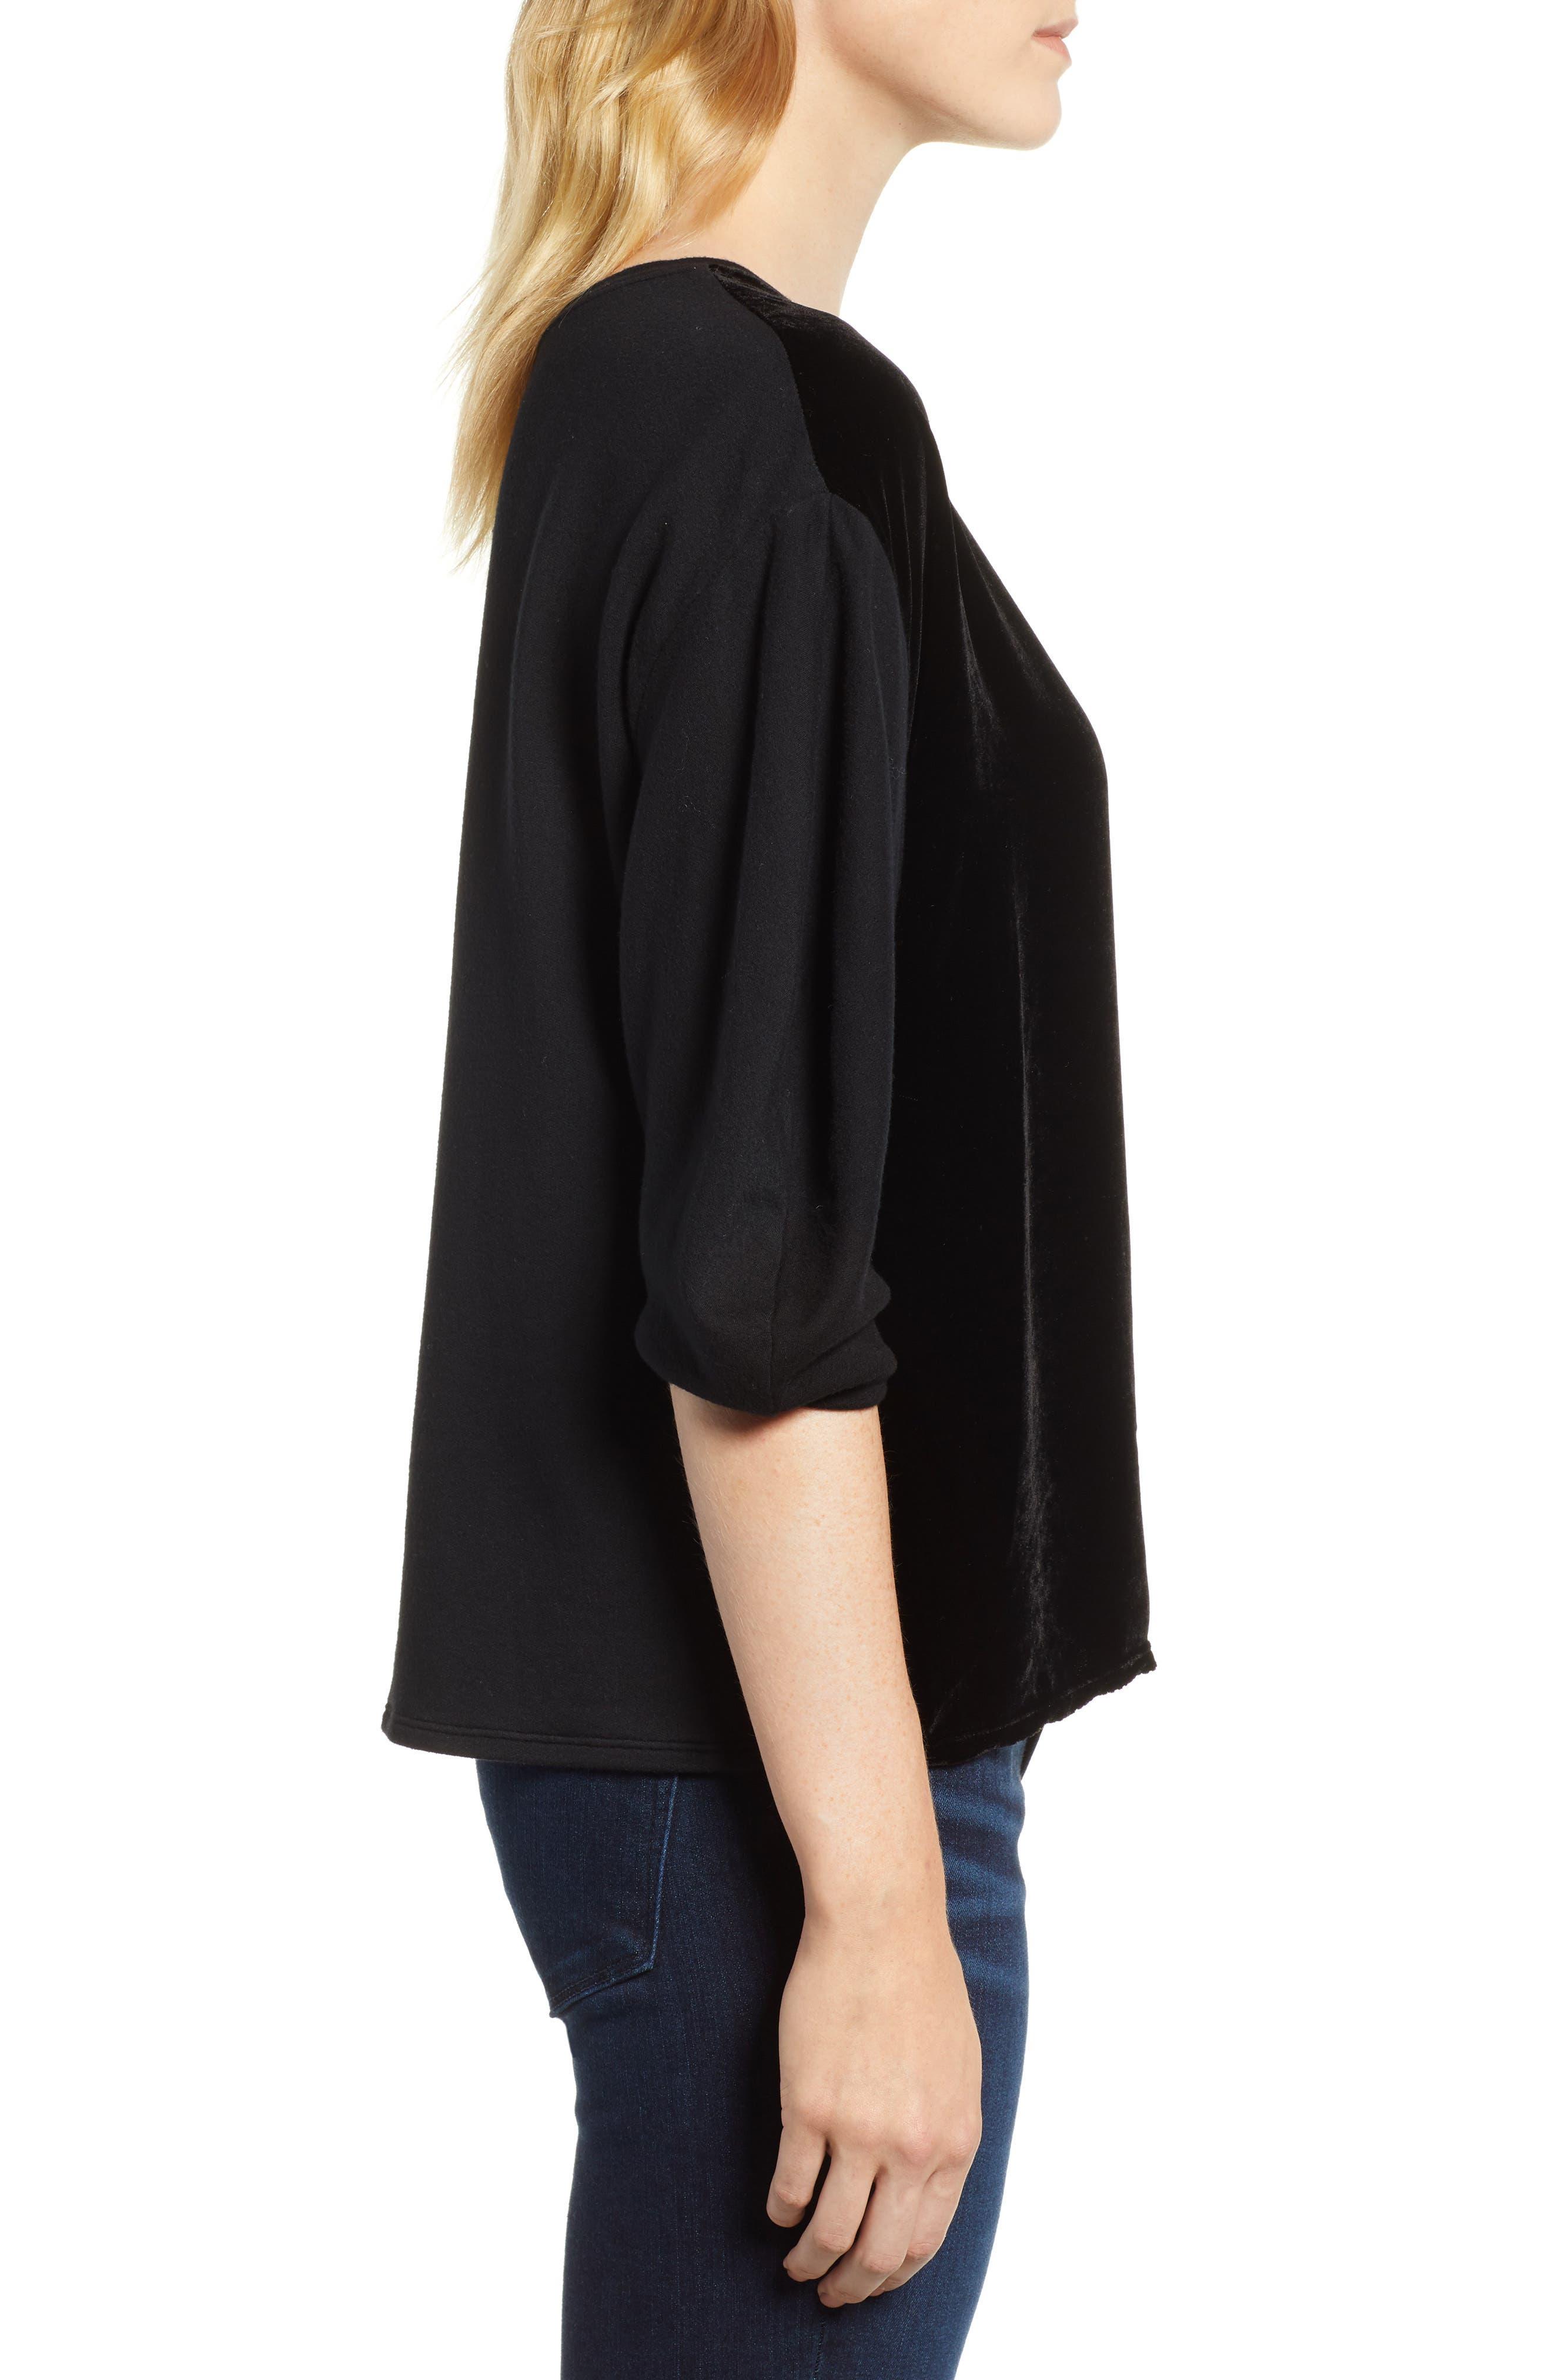 Velvet & Fleece Half Sleeve Top,                             Alternate thumbnail 3, color,                             BLACK